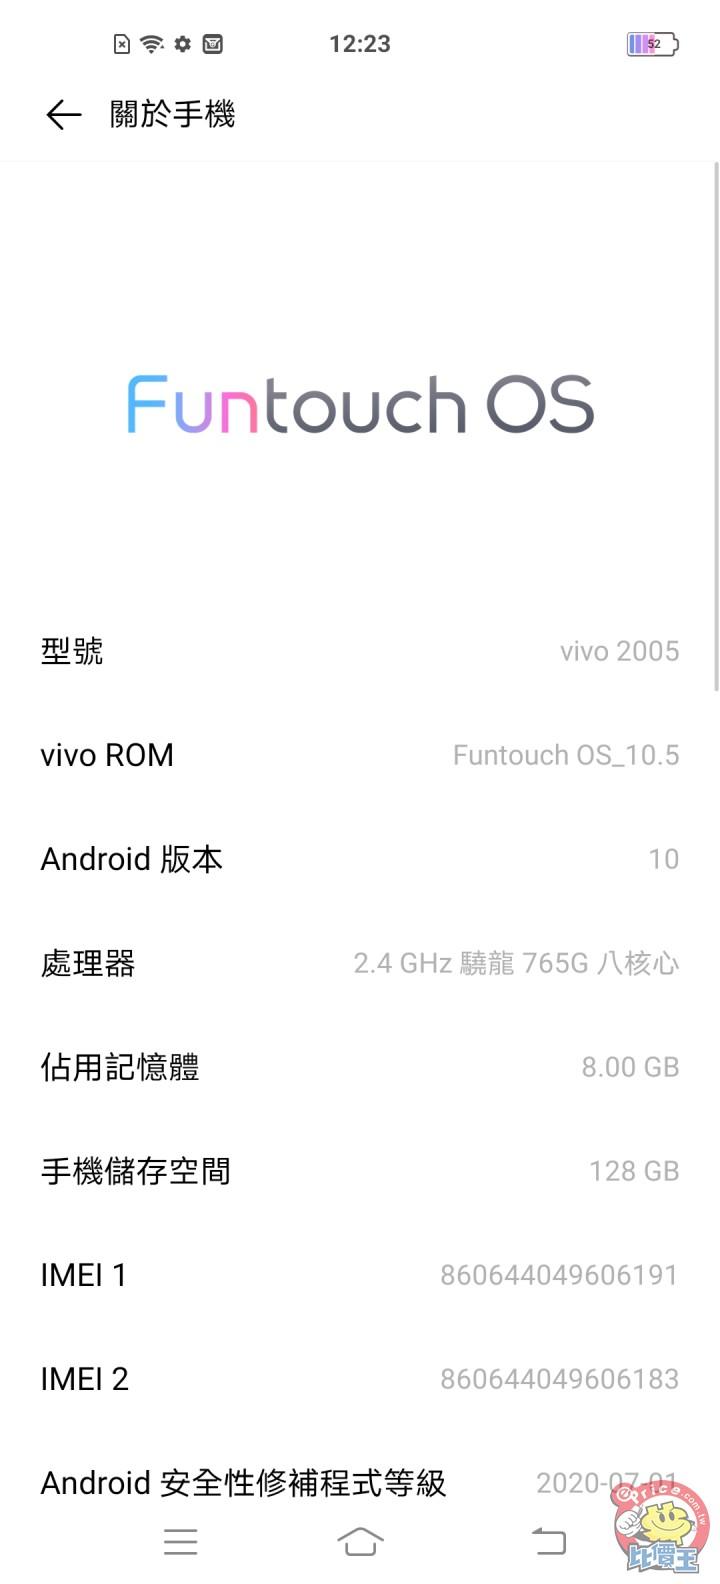 Screenshot_20200828_122336.jpg